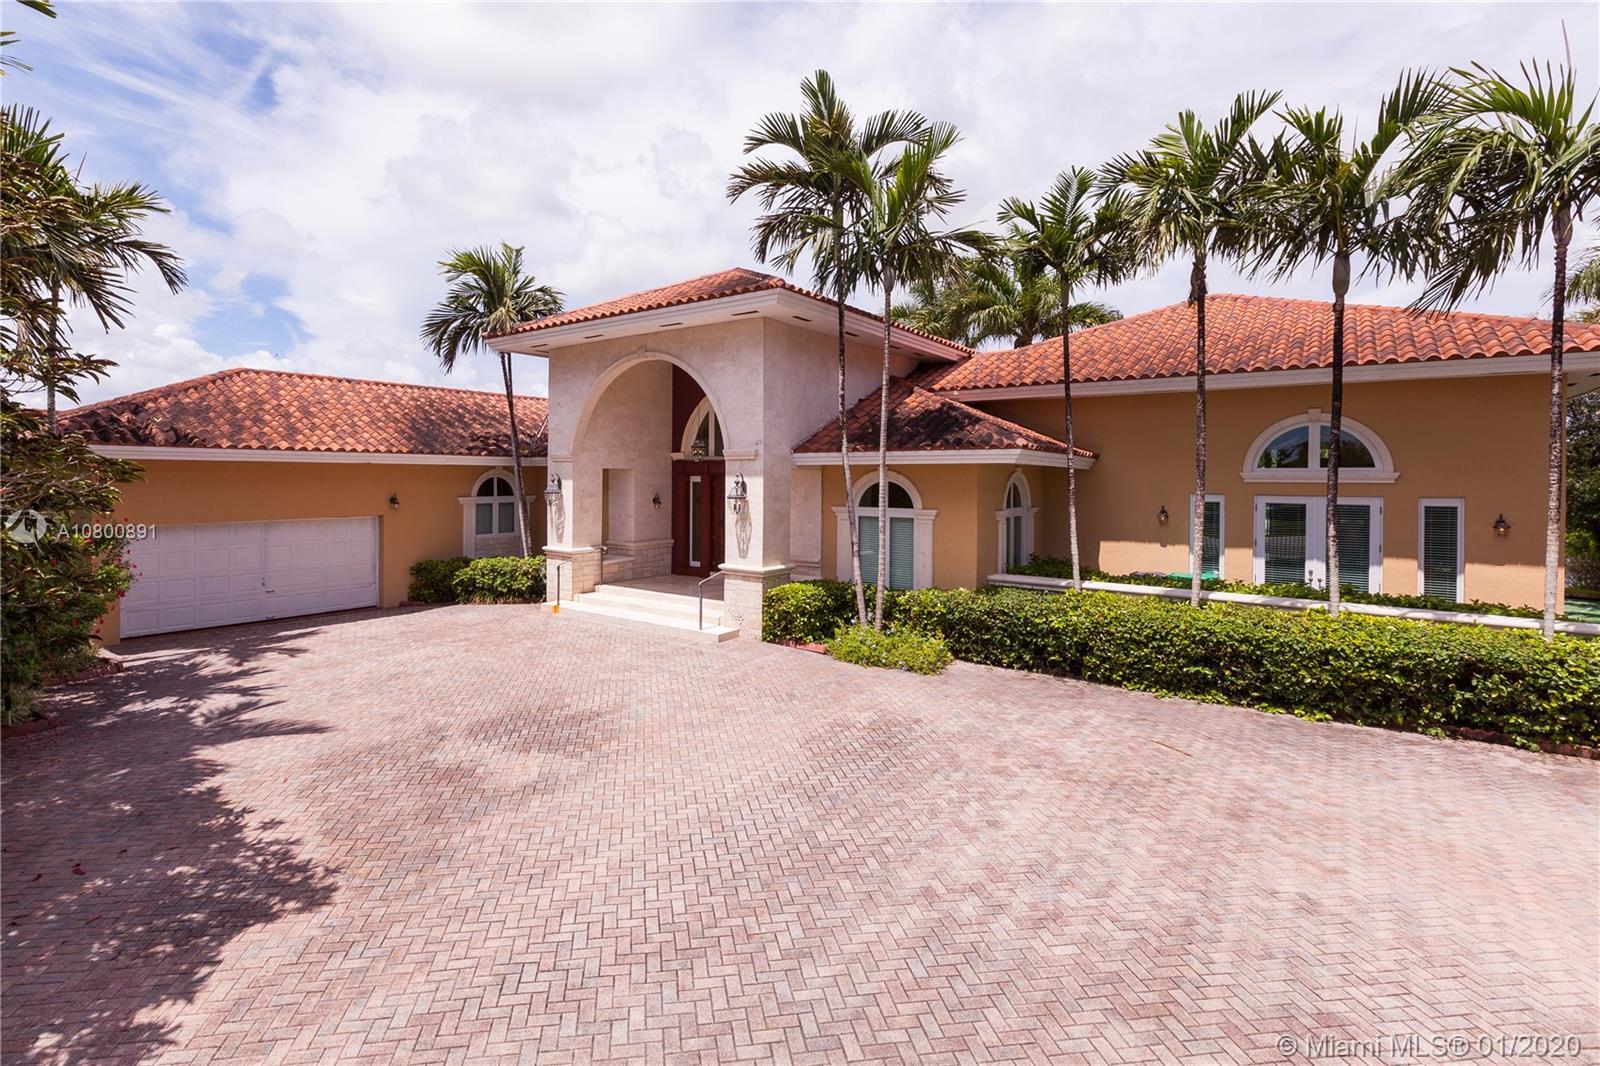 9325 SW 144th St, Miami, FL 33176